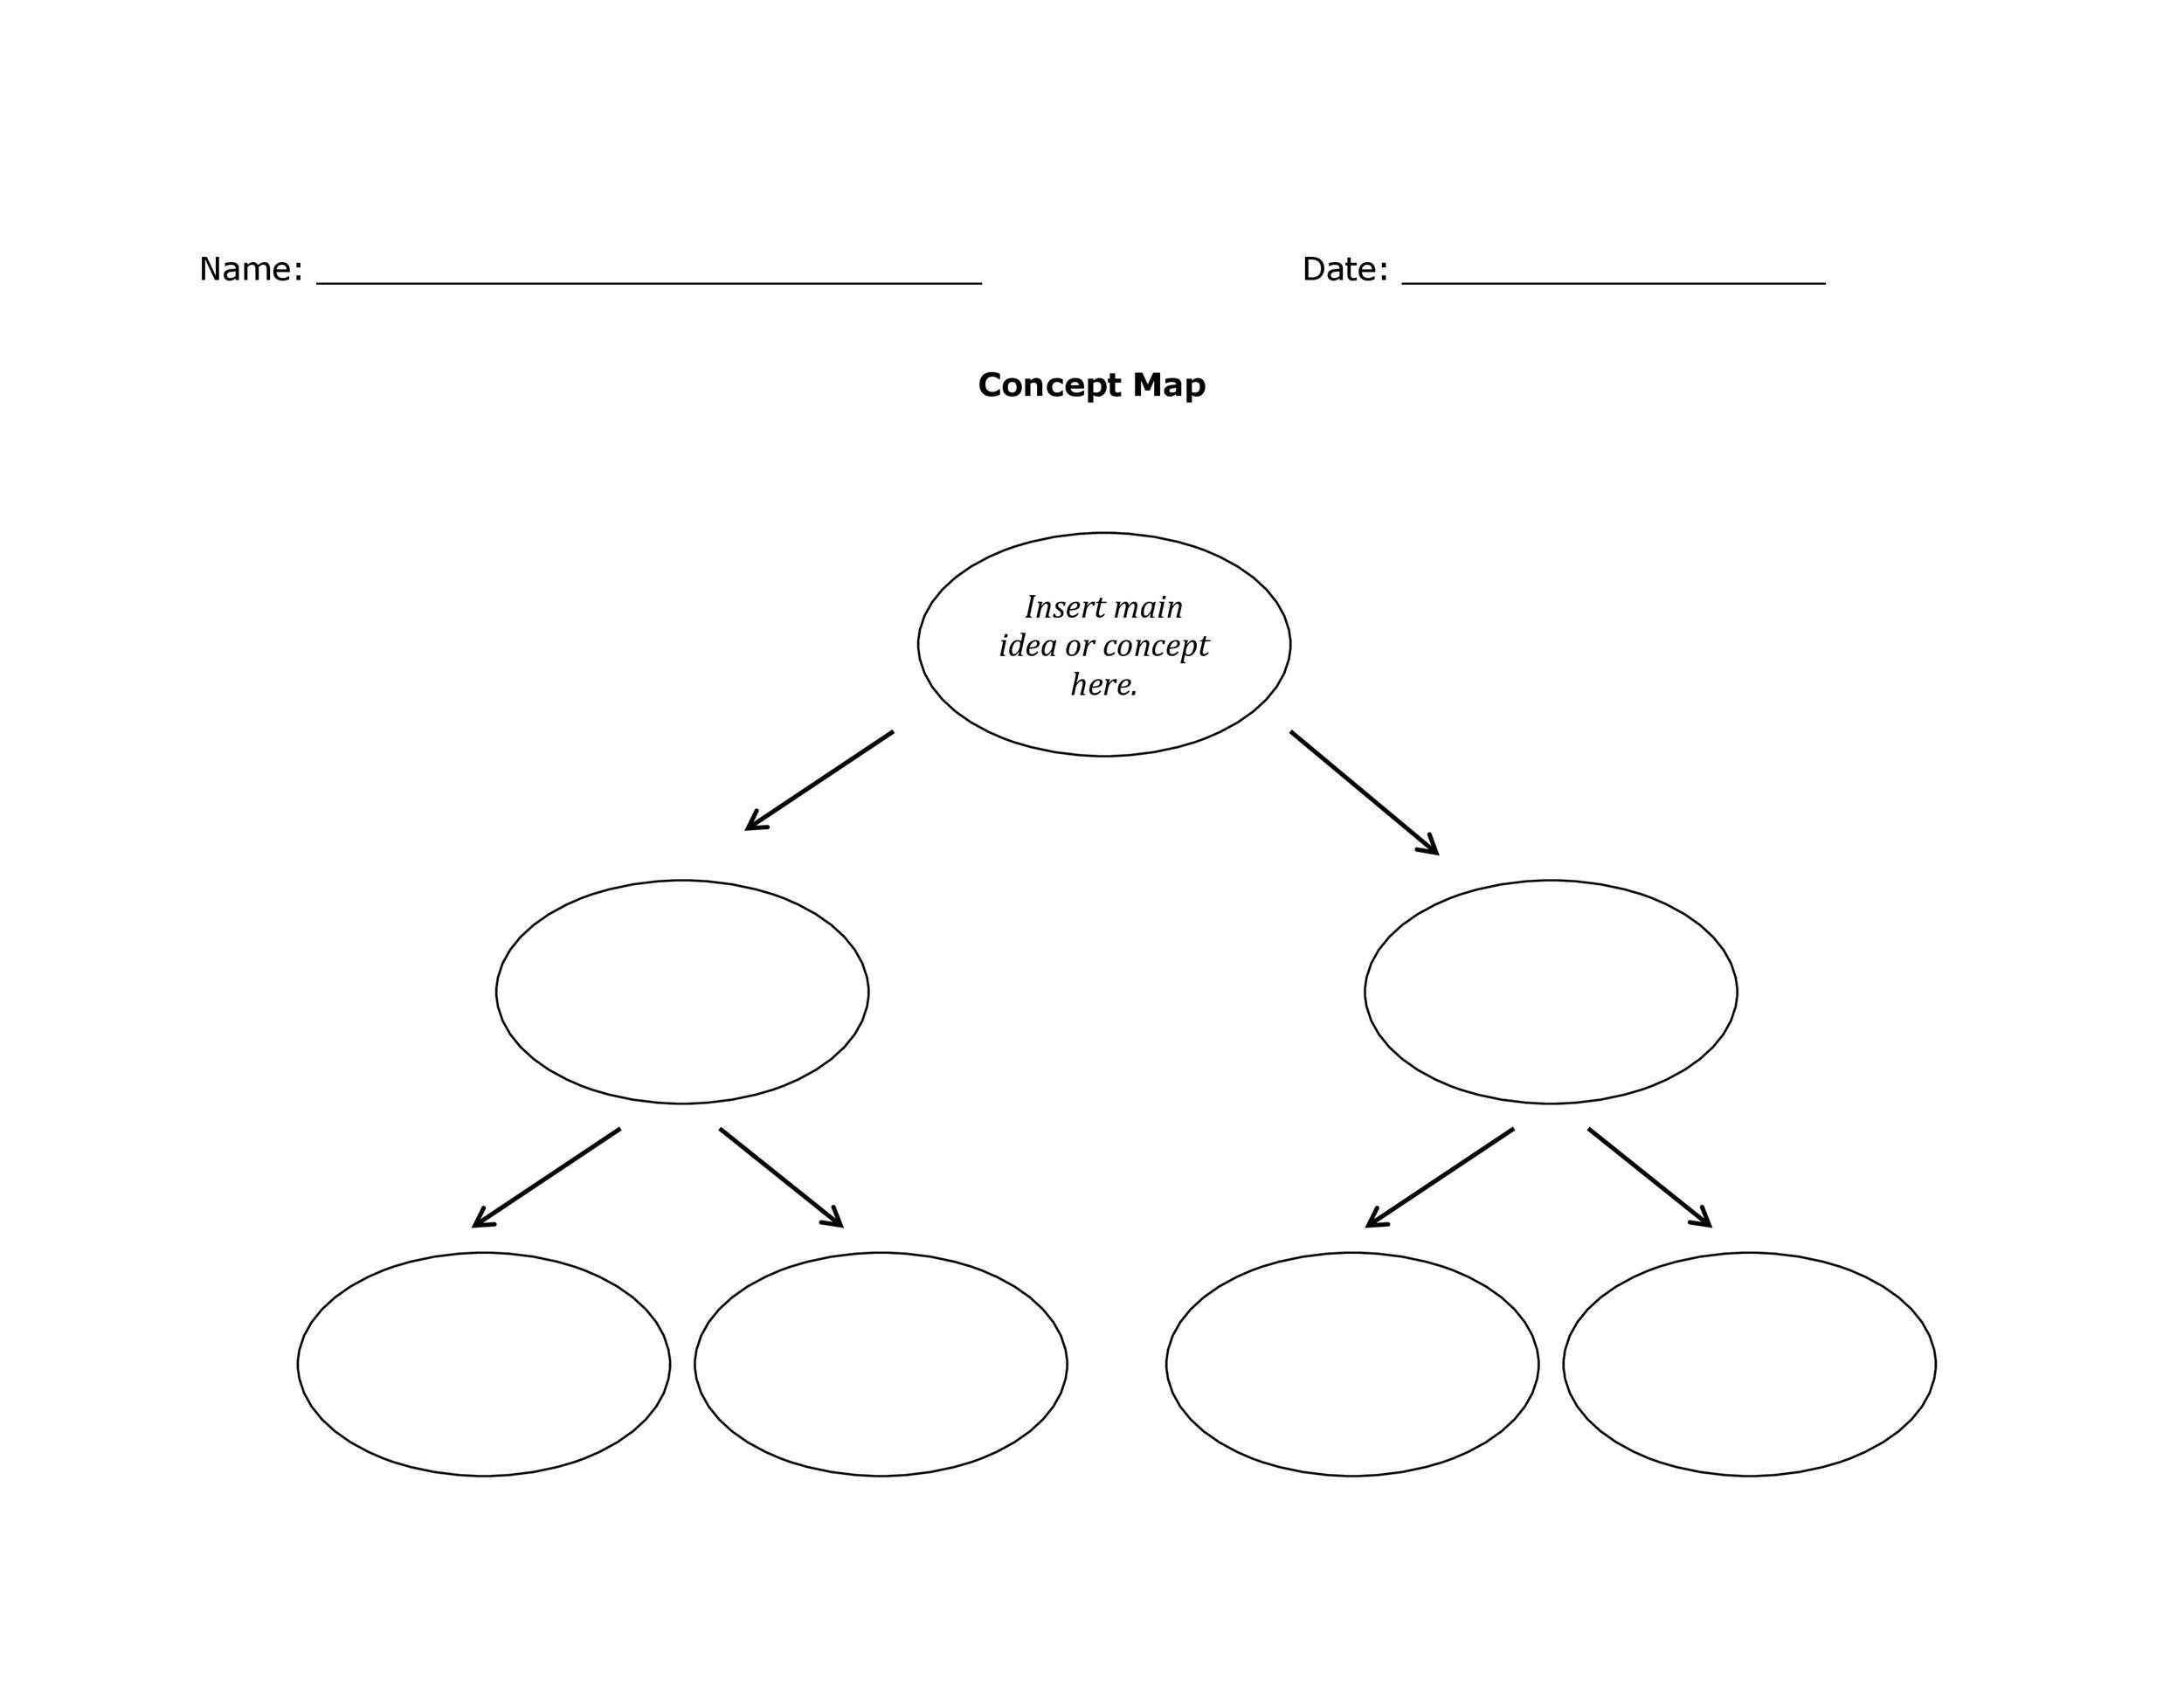 خريطة مفاهيم فارغة 2 Kharita Blog